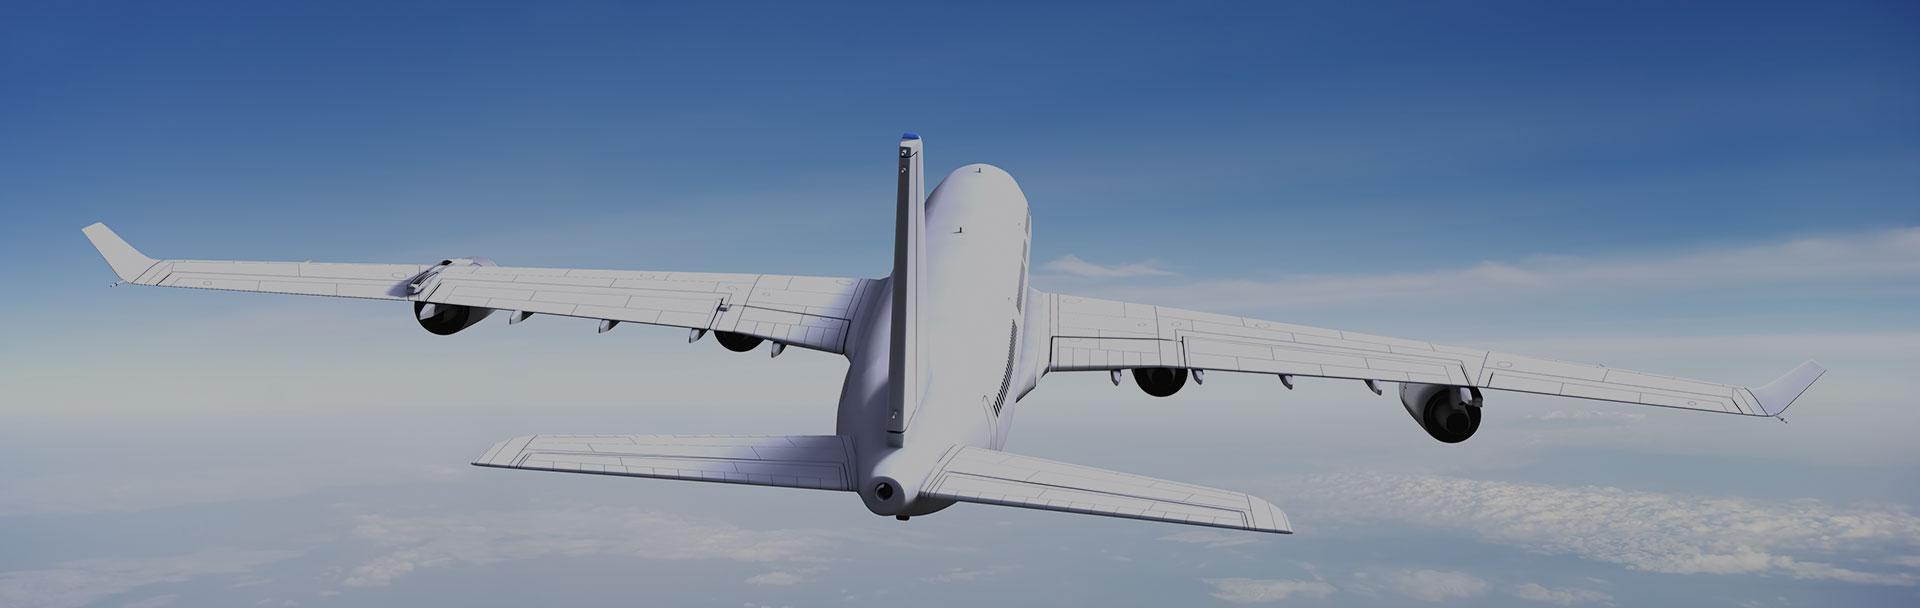 plane-crash-kills-5-part-2.jpg